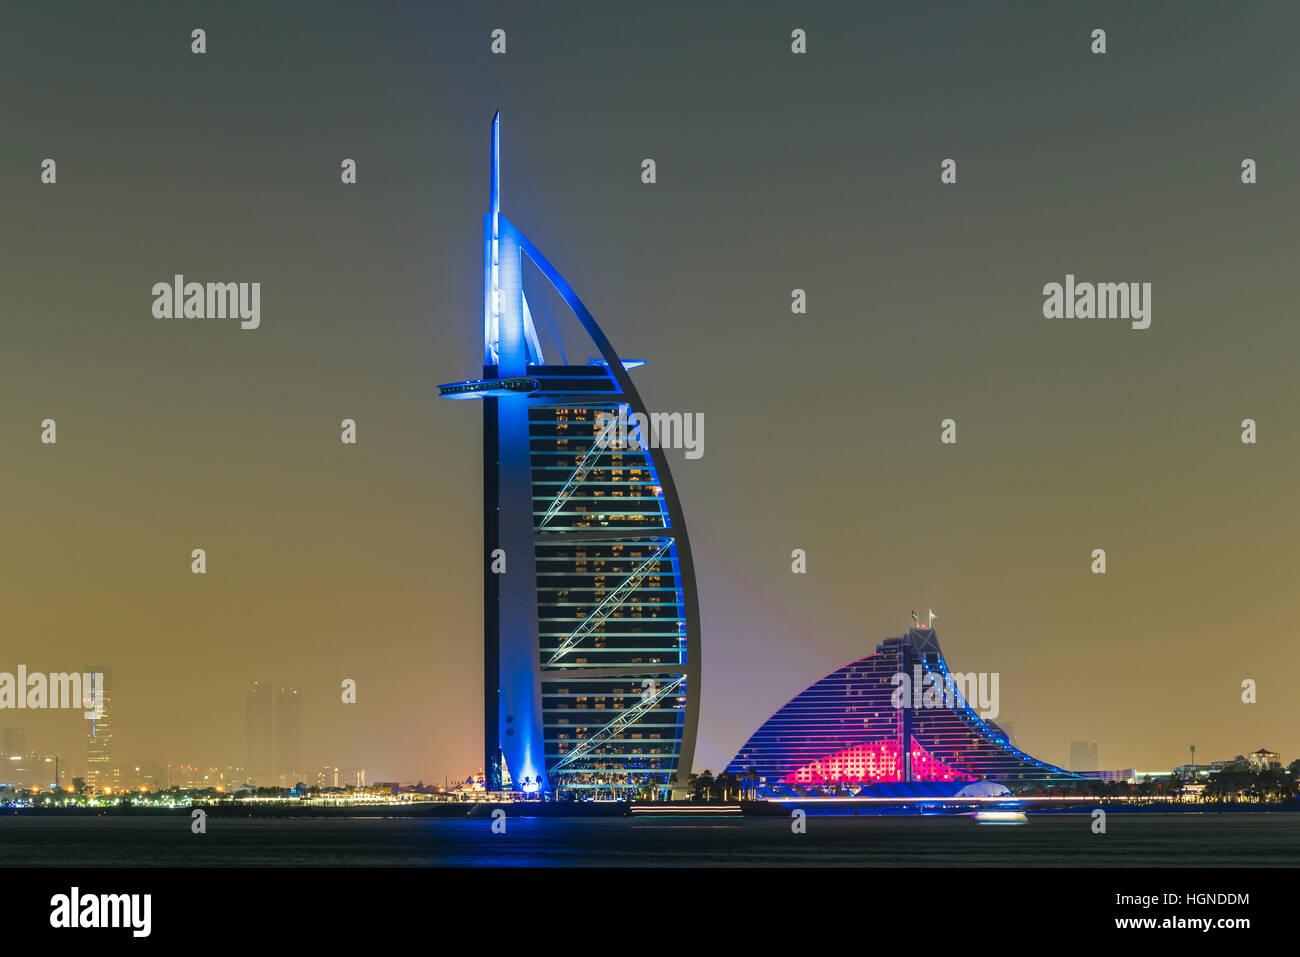 Nachtansicht des Burj al Arab und Jumeirah Beach Hotel, Dubai, Vereinigte Arabische Emirate Stockbild